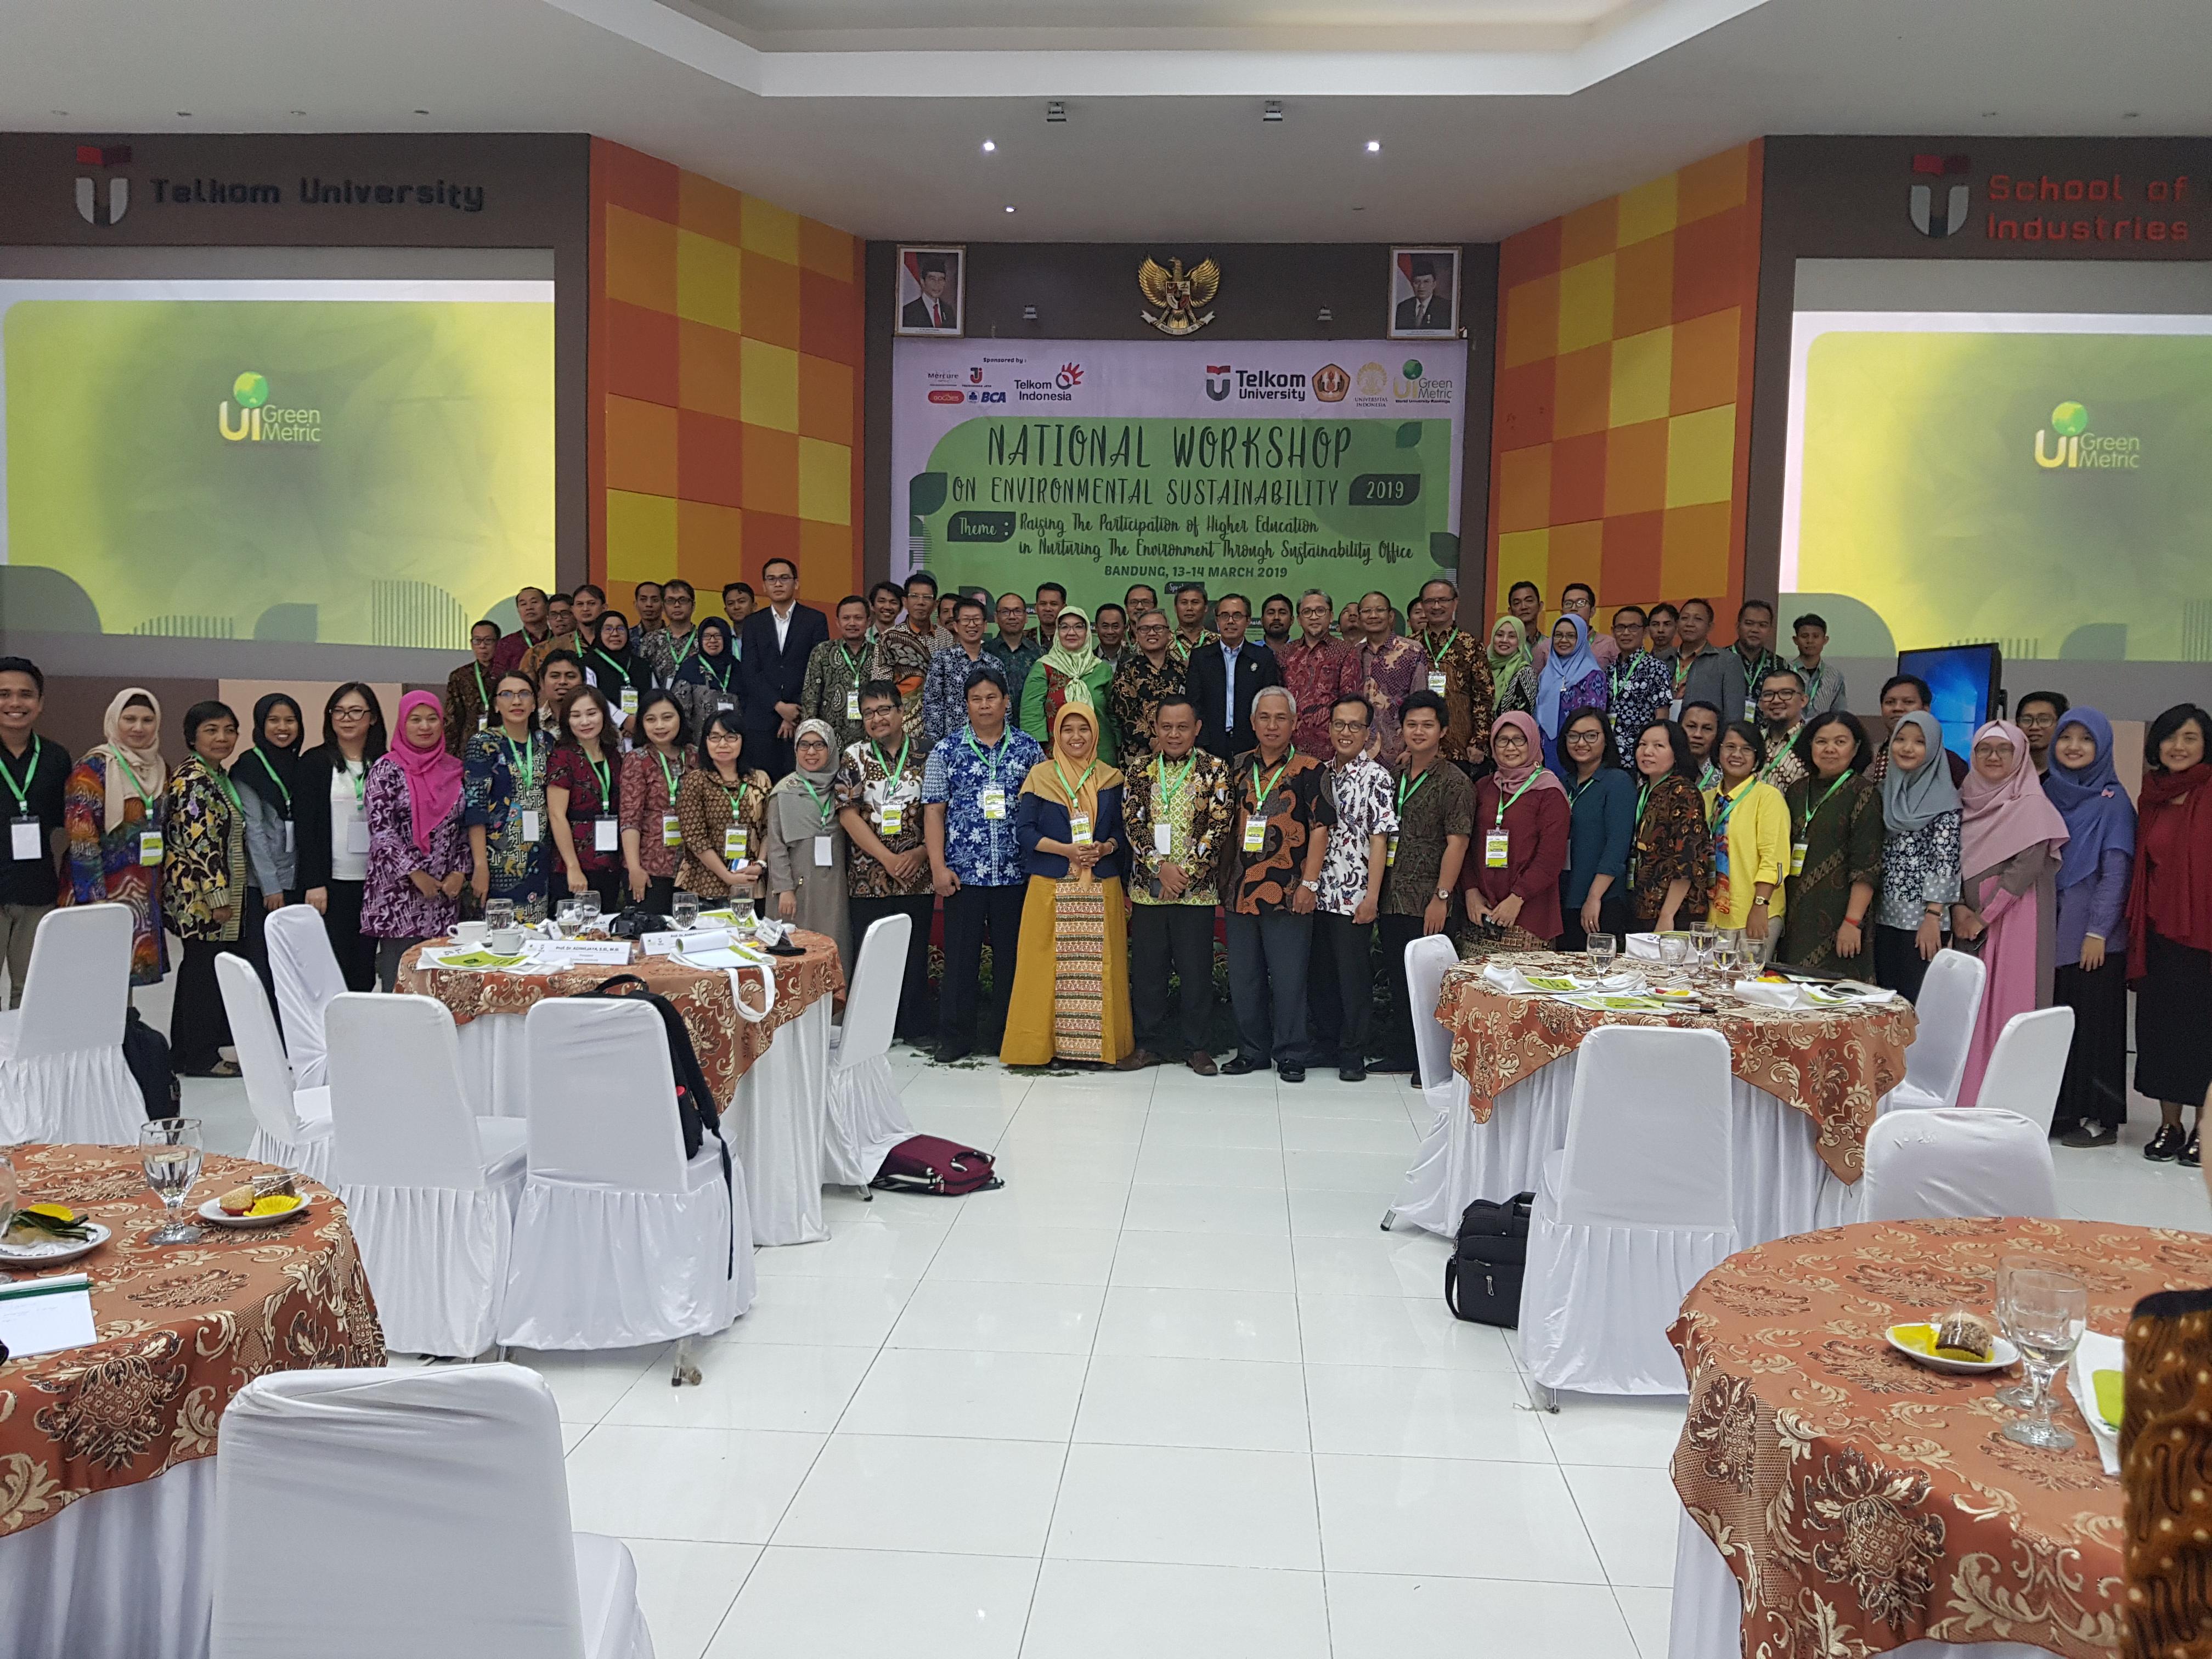 National Workshop on Environmental Sustainability Office 2019 in Telkom University and Universitas Padjajaran